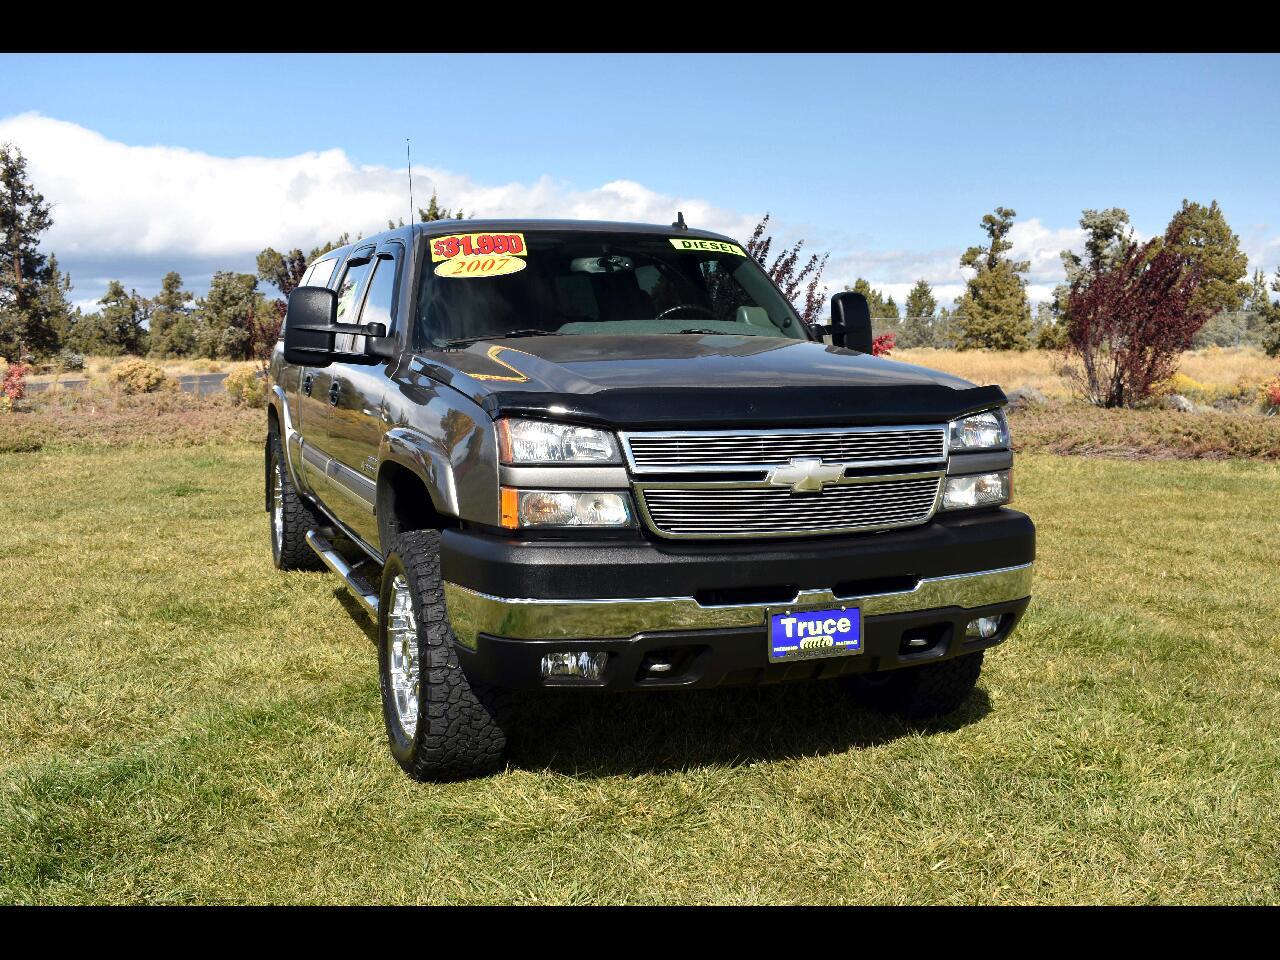 2007 Chevrolet Silverado 2500HD 4WD Crew Cab LT**LOW MILES**DIESEL**6.5' BED